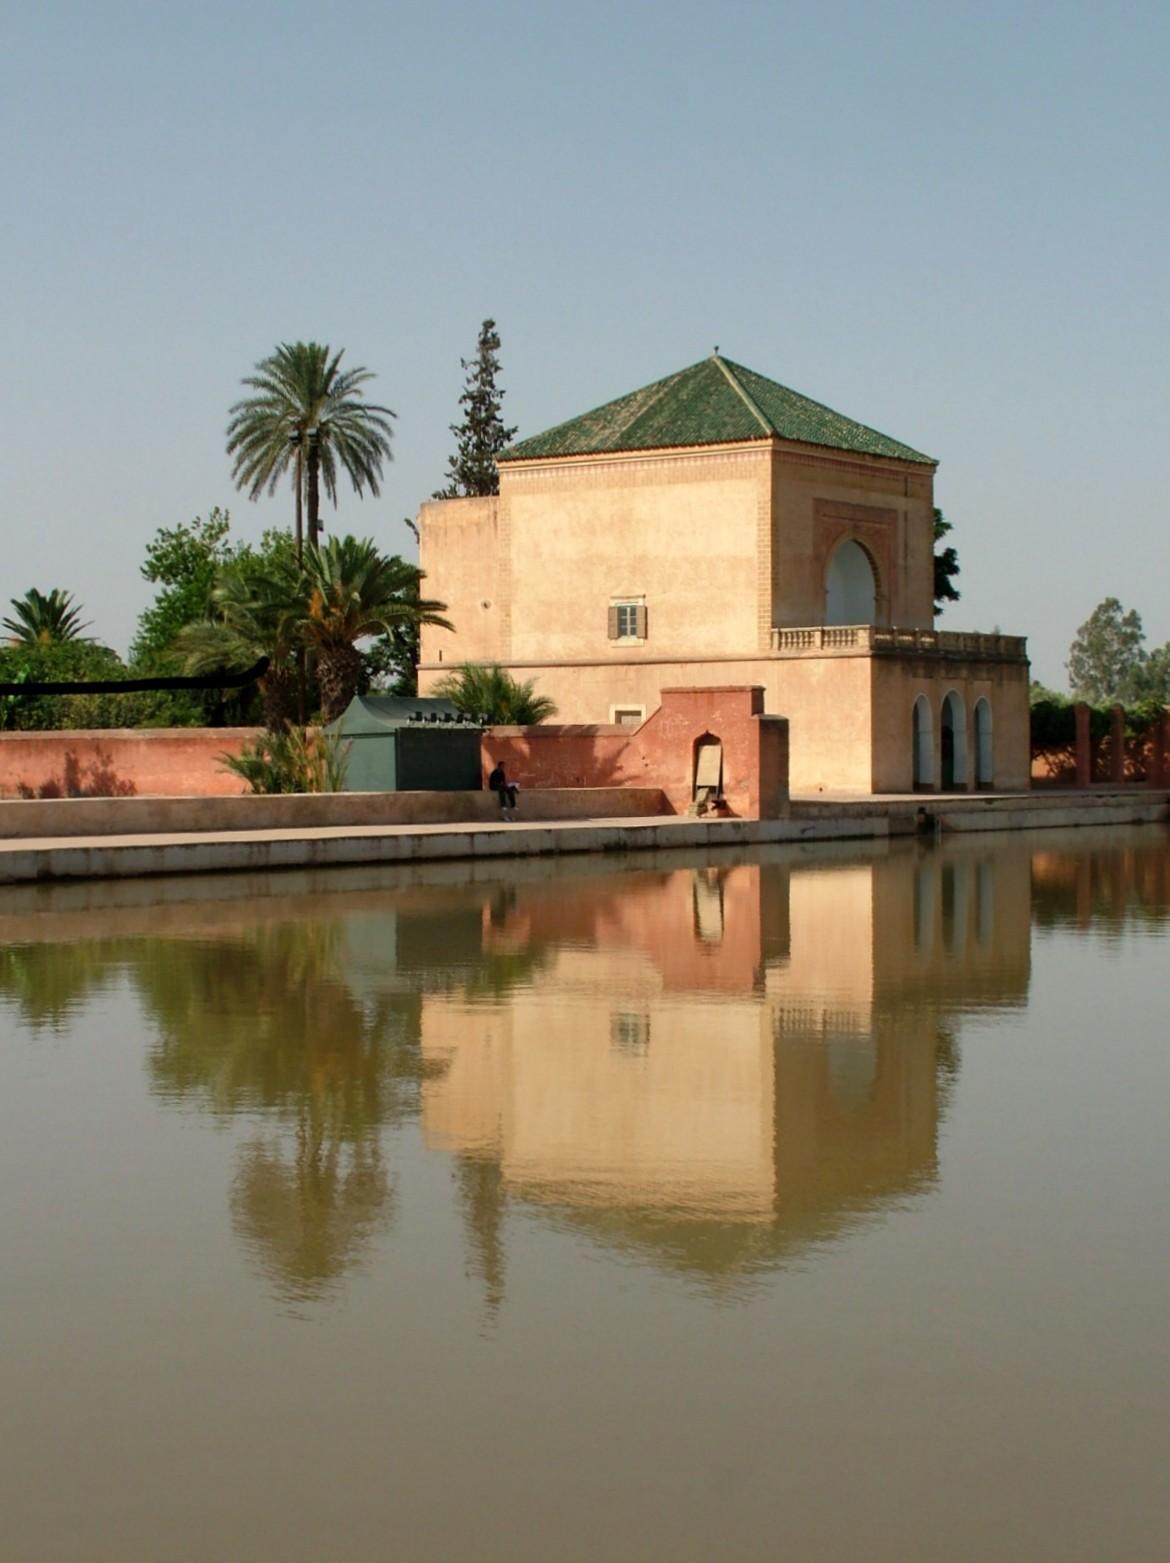 Menara Garden Morocco Marrakech